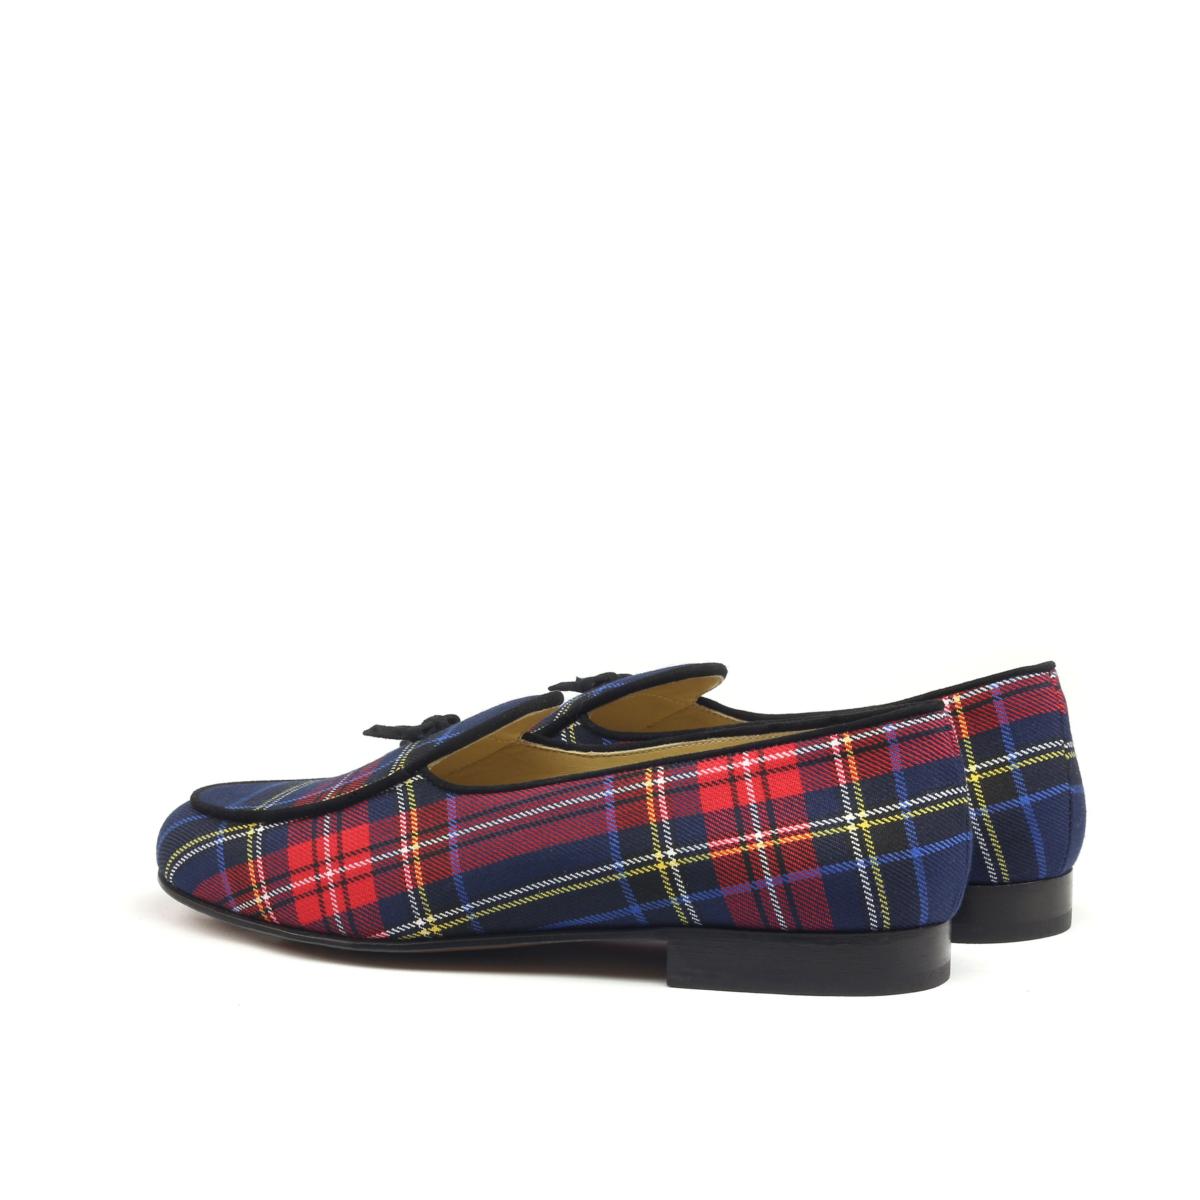 Belgian Slippers in tartan